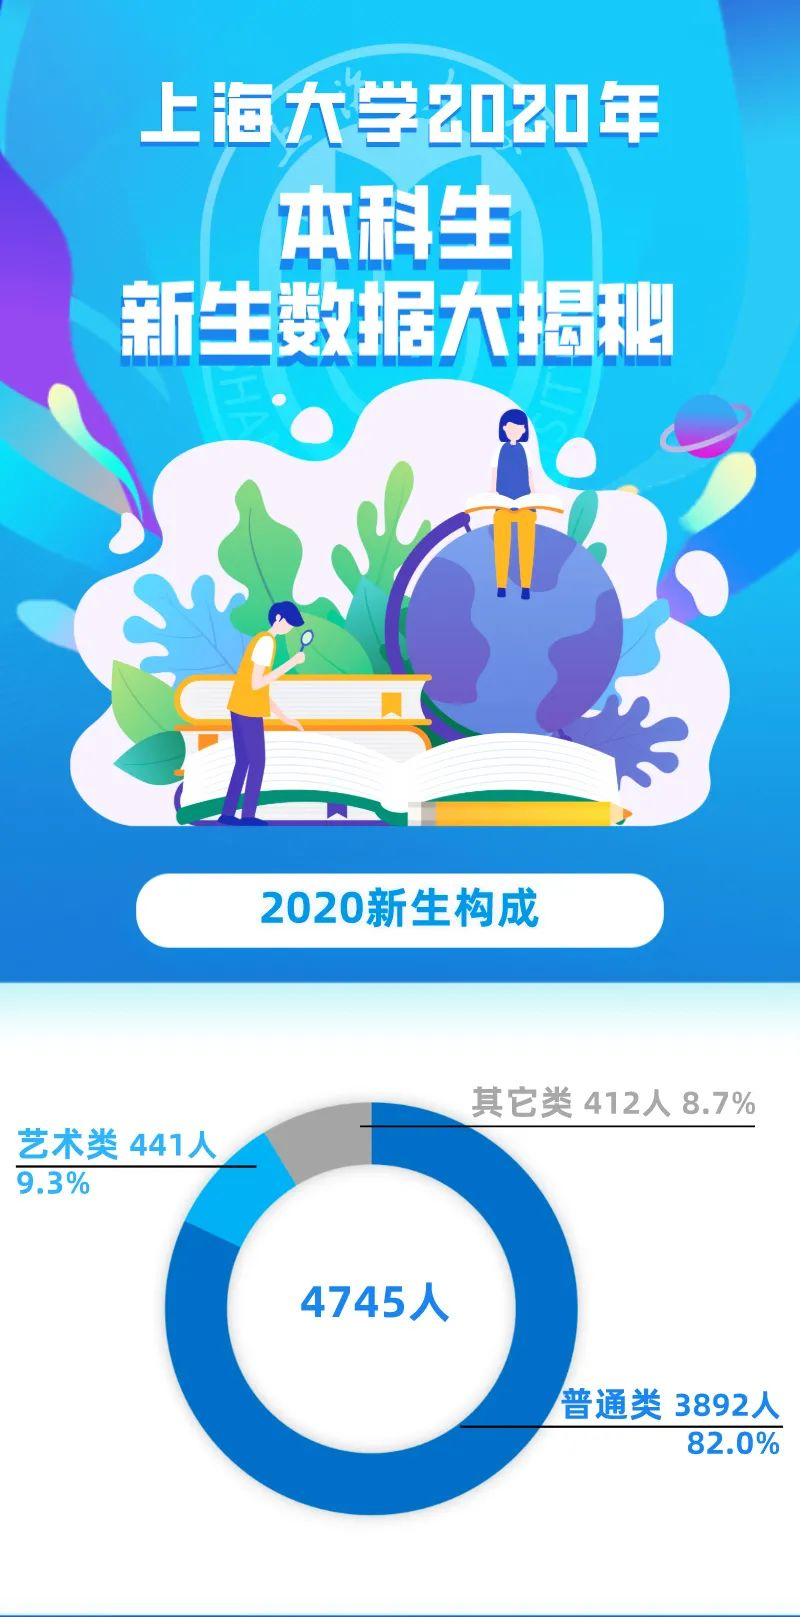 最萌年龄差,同名大揭秘,一图详解上海大学2020级本科生新生大数据!图片